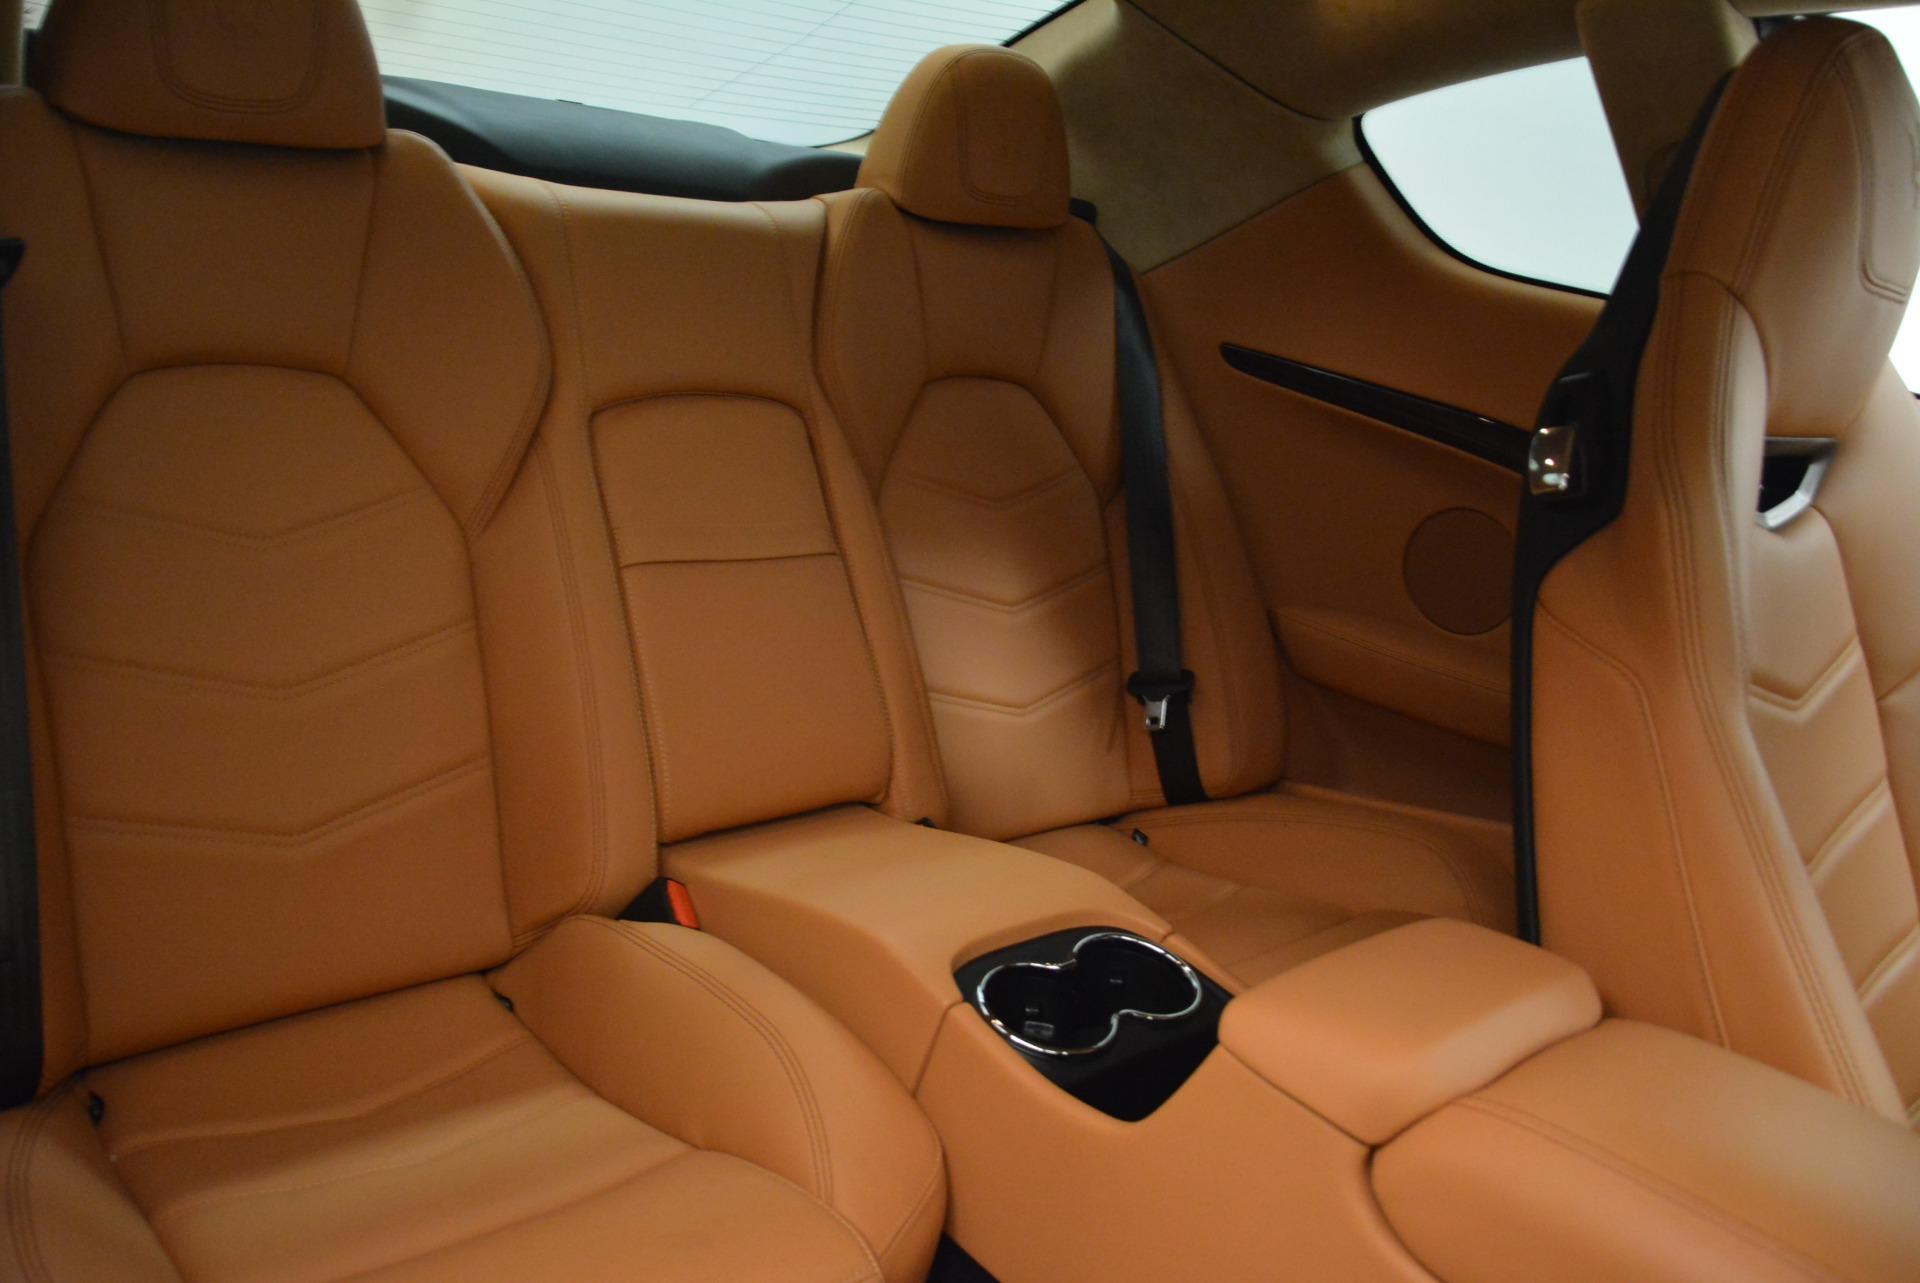 Used 2014 Maserati GranTurismo Sport For Sale In Greenwich, CT 2067_p23